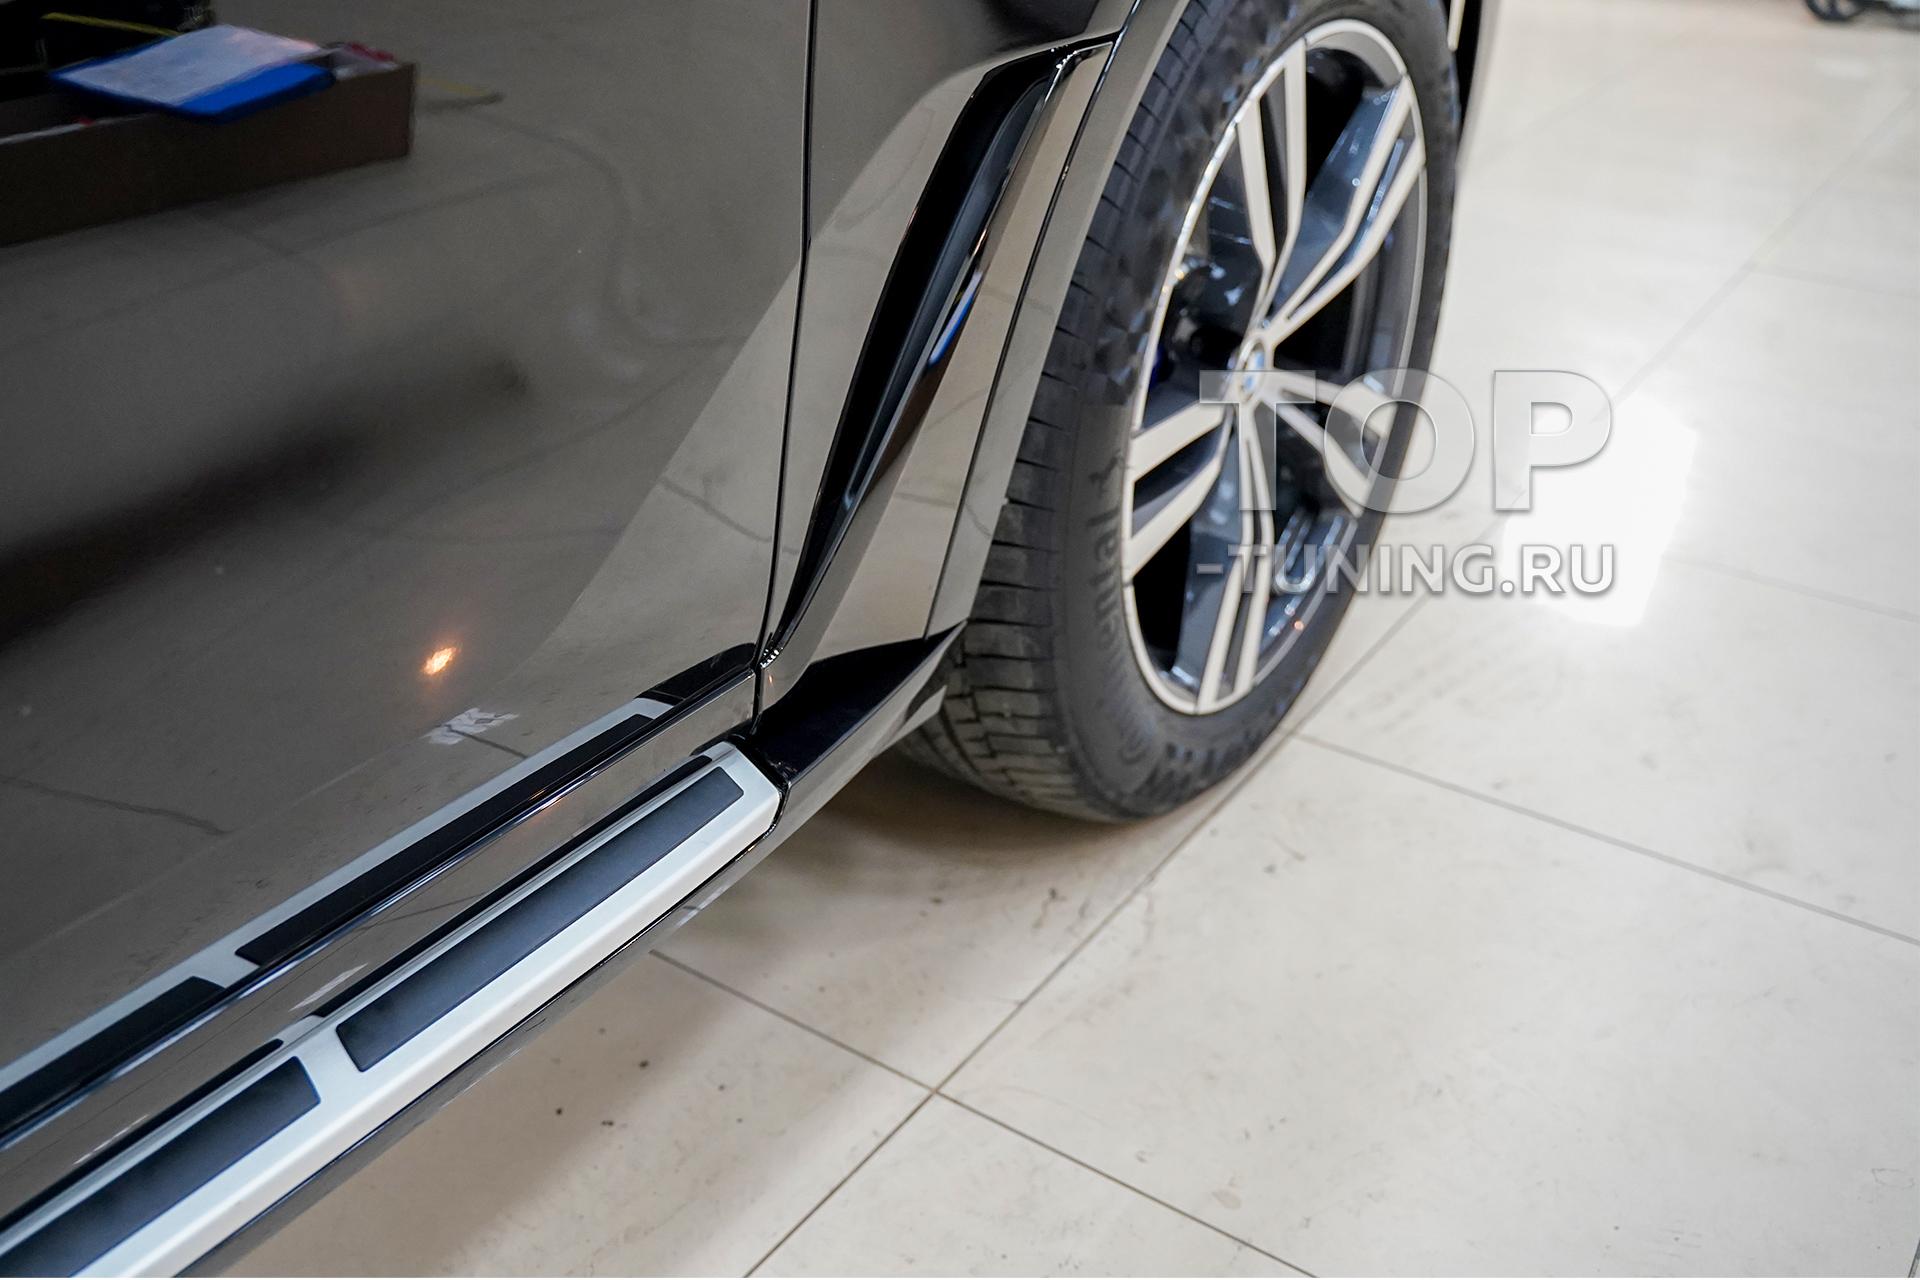 103565 Оригинальные пороги-ступени для BMW X7 G07